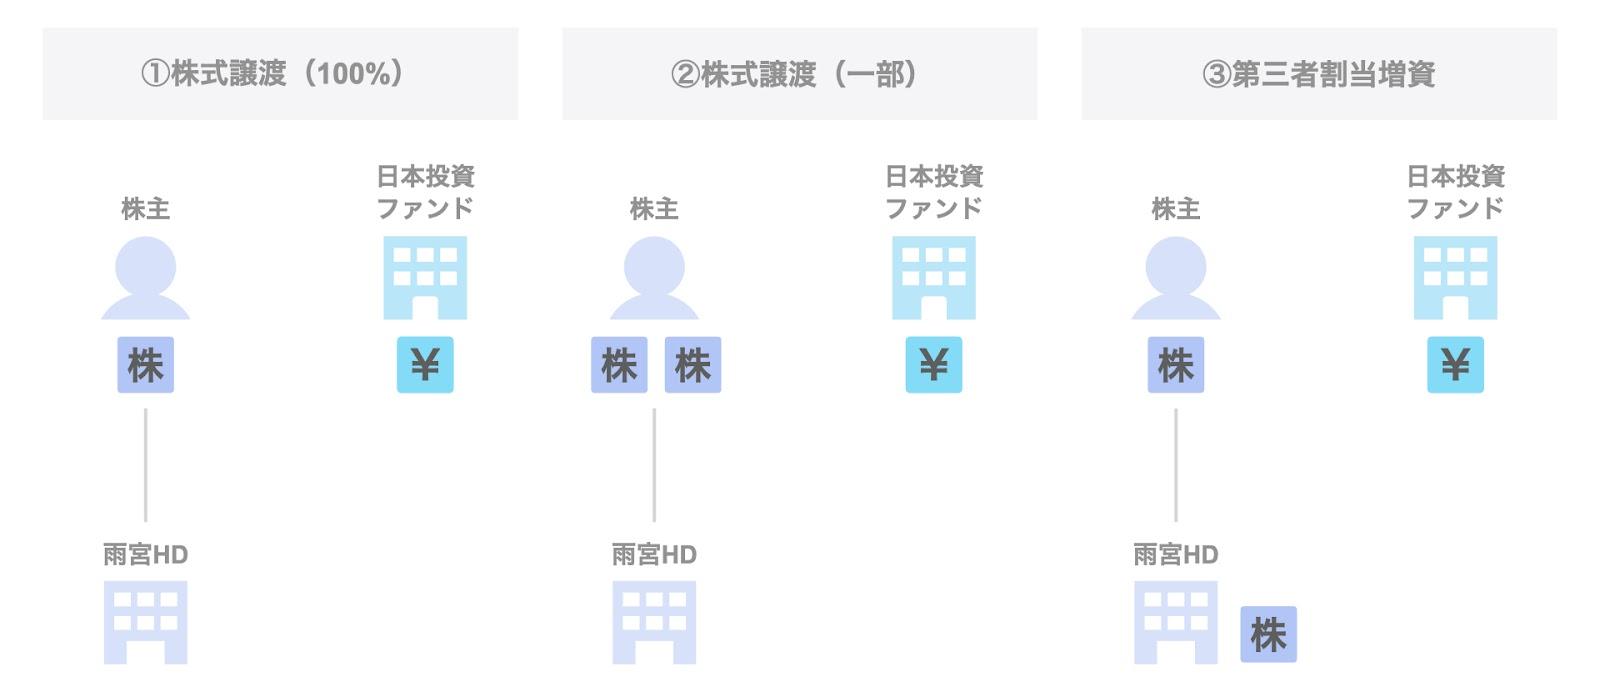 日本投資ファンドによる雨宮ホールディングスの投資事例:スキーム